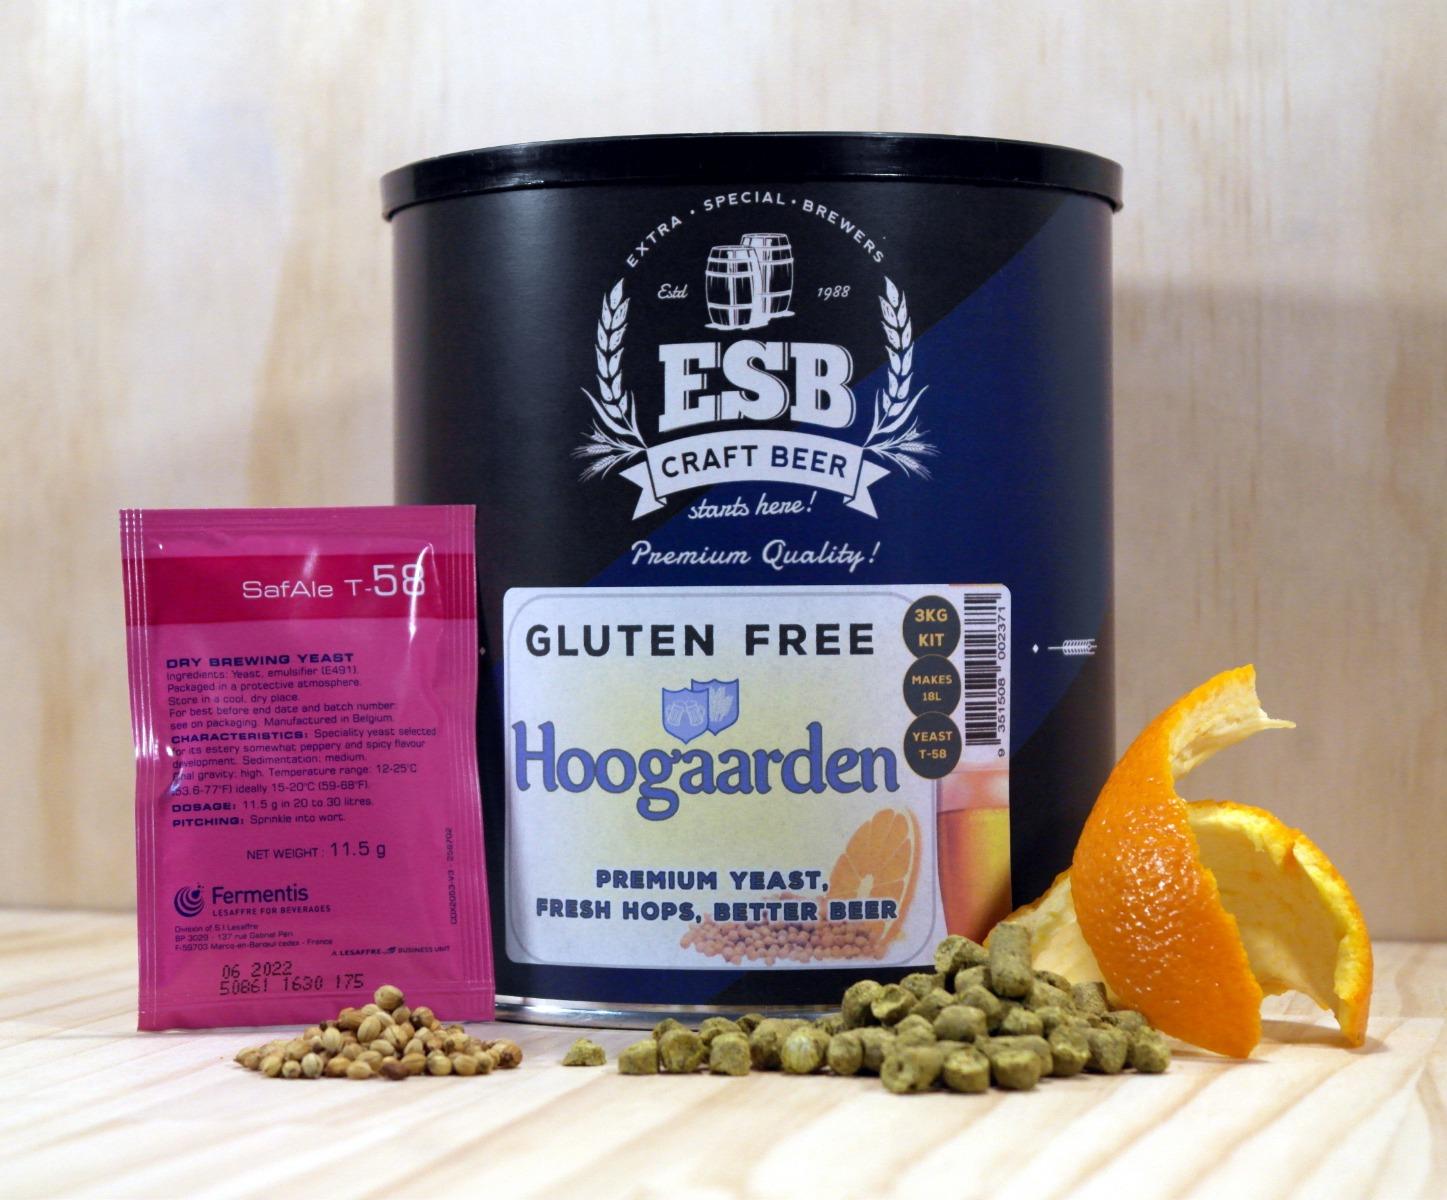 ESB 3kg Gluten Free Hoegaarden